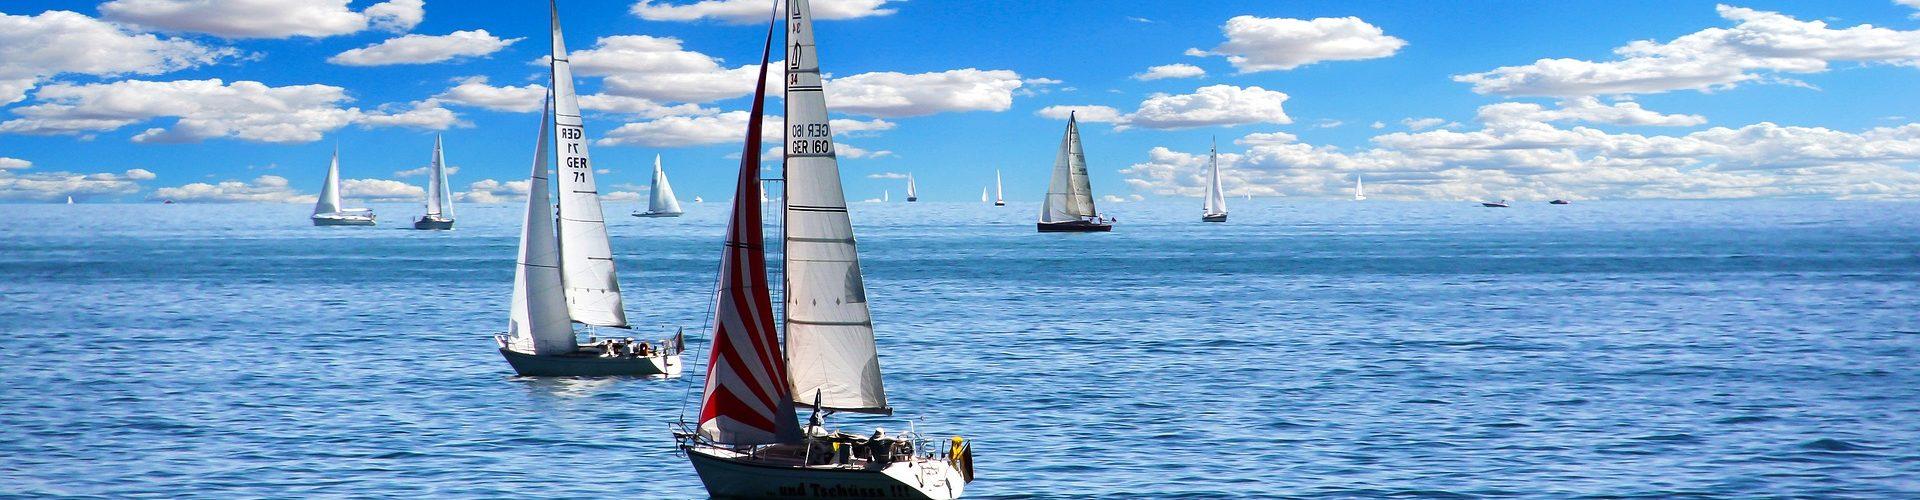 segeln lernen in Gundremmingen segelschein machen in Gundremmingen 1920x500 - Segeln lernen in Gundremmingen